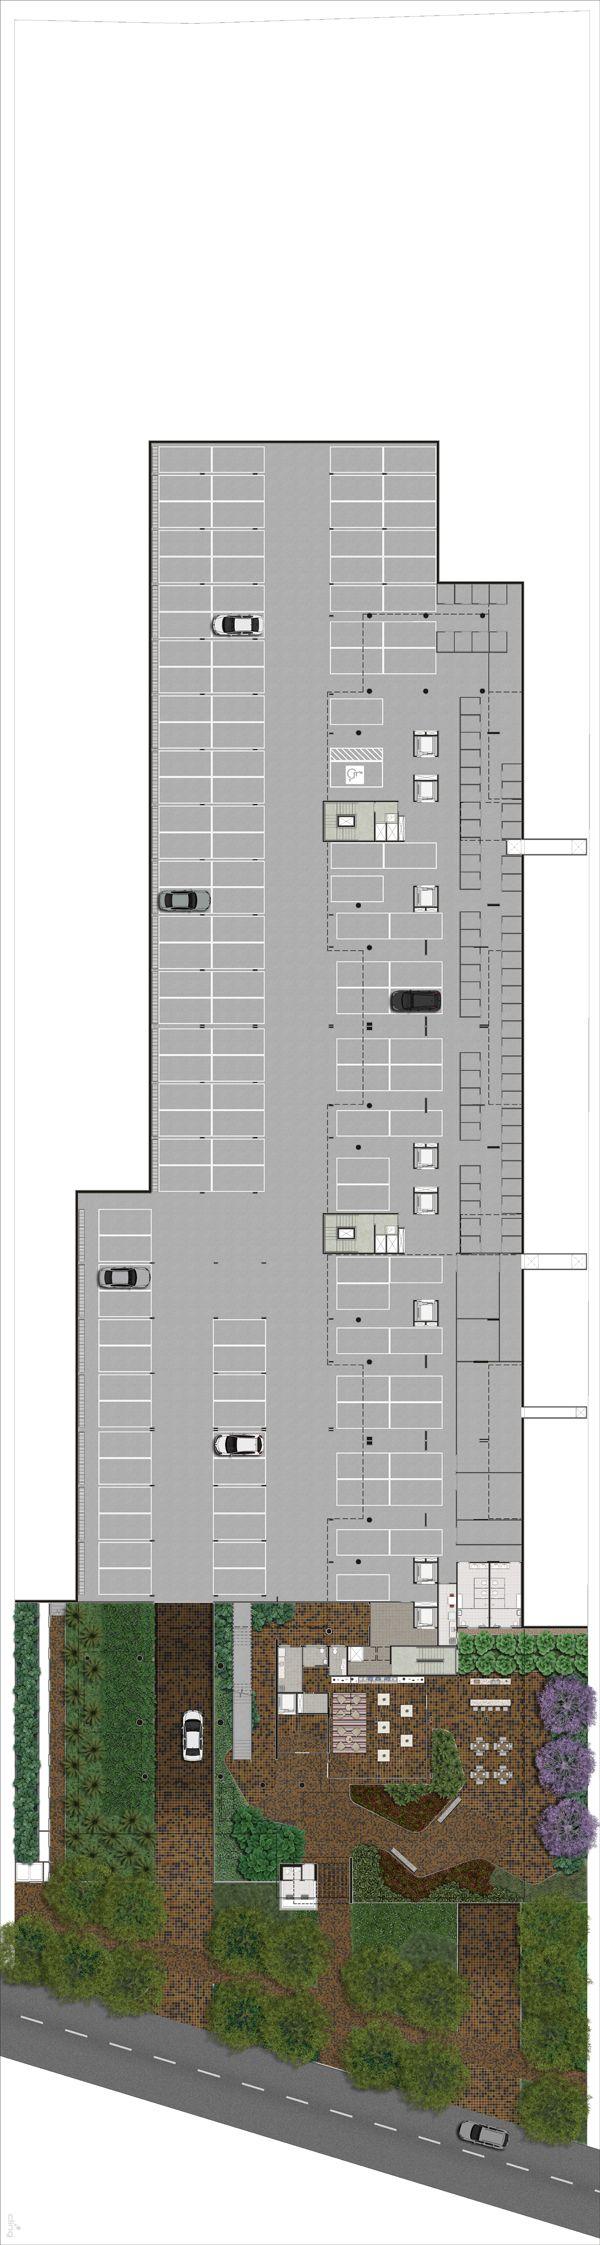 Planta Humanizada da implantação do pavimento 01 desenvolvida para o empreendimento City Parque Itu.  Floor Plan